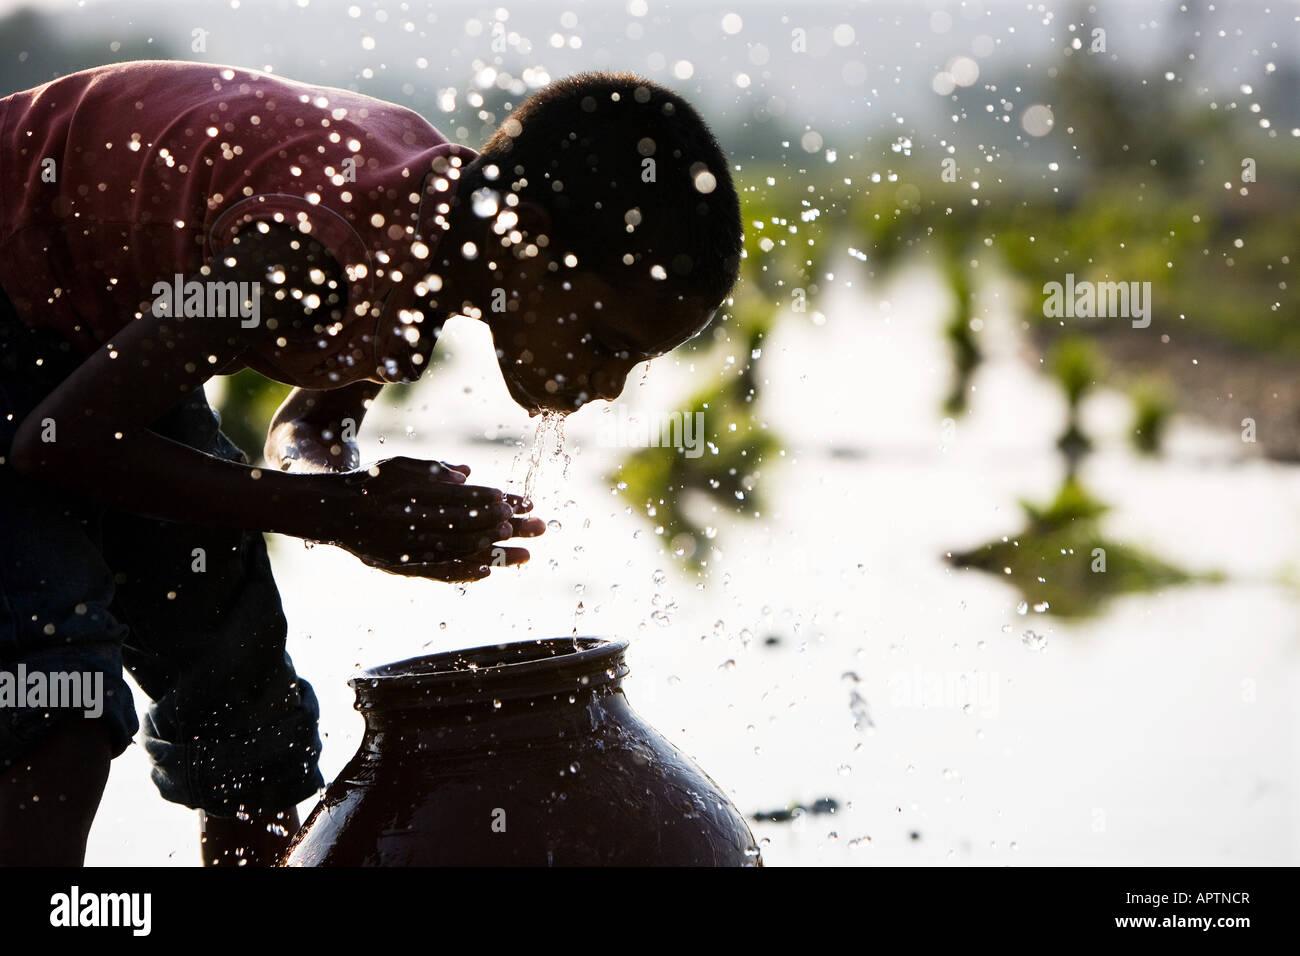 Silhueta de uma aldeia índia rural boy lavar o rosto de um pote de barro ao lado de um campo de arroz inundado. Imagens de Stock